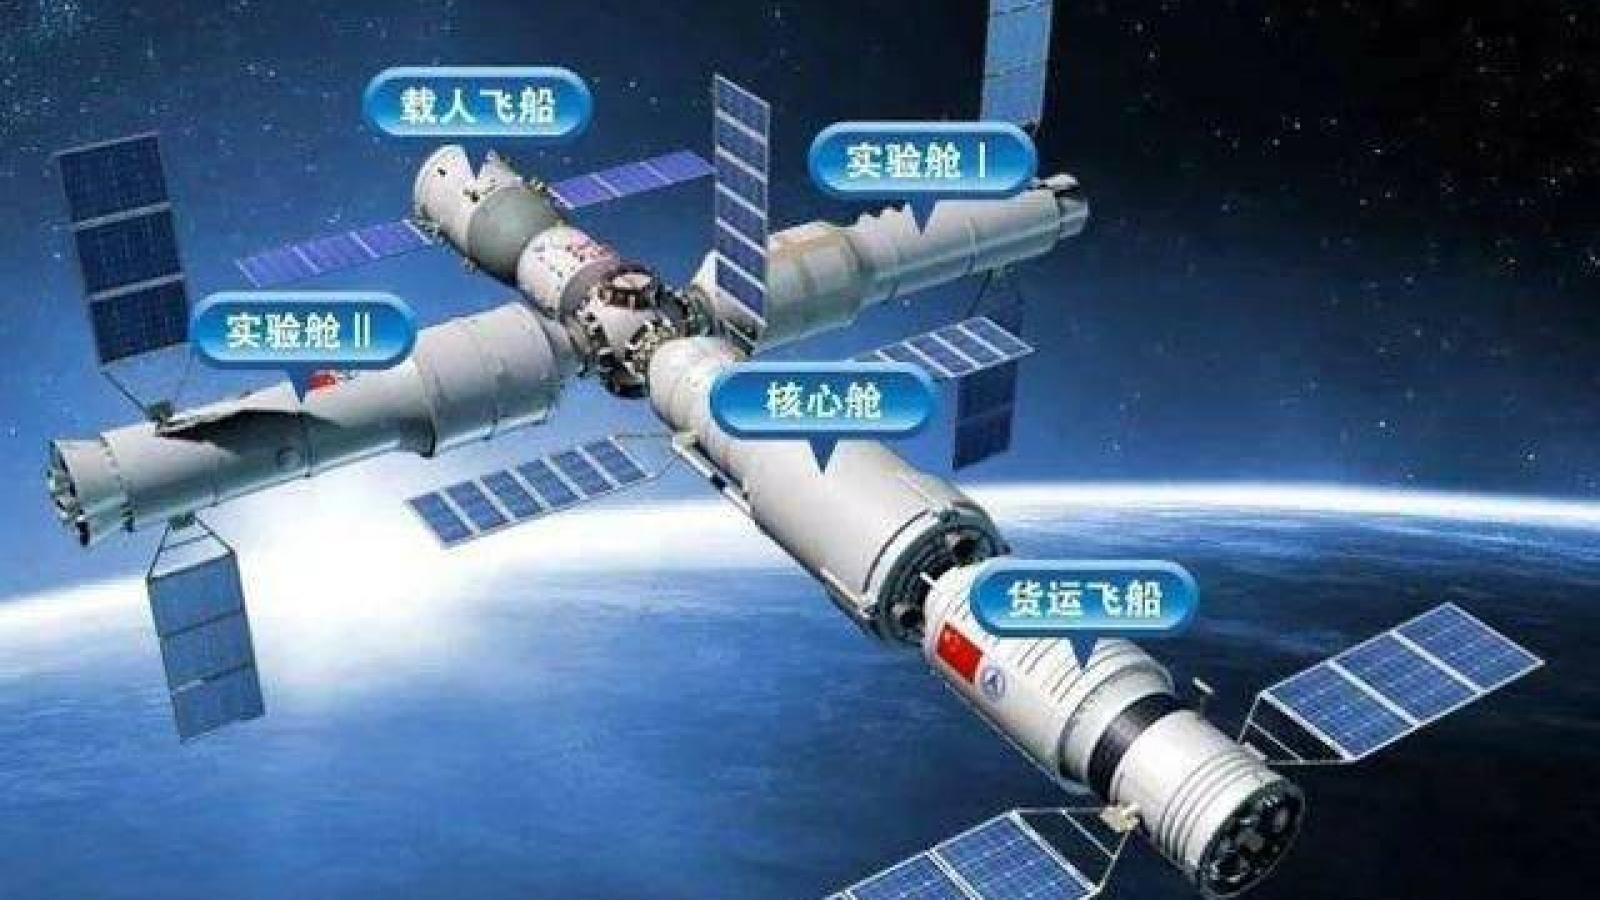 Trung Quốc sắp phóng module lõi của trạm không gian lên vũ trụ